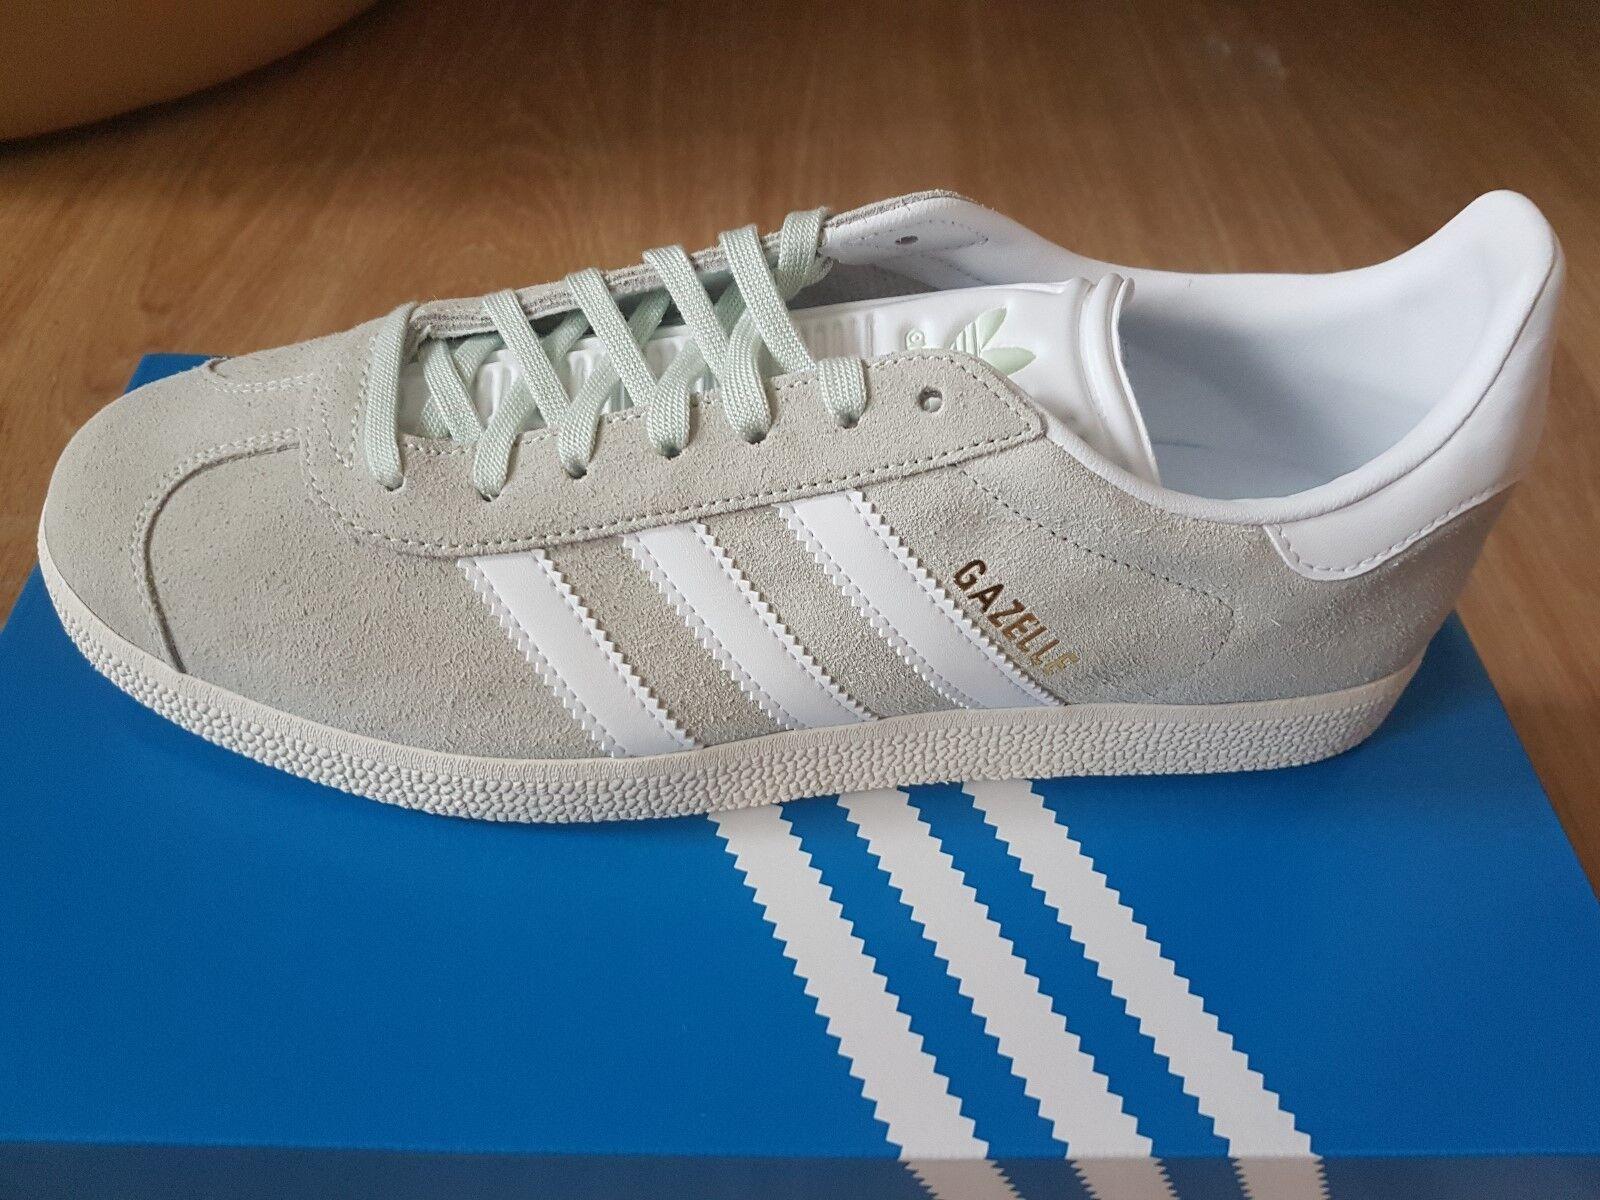 Adidas GAZELLE shoes bz0023 size UK 10